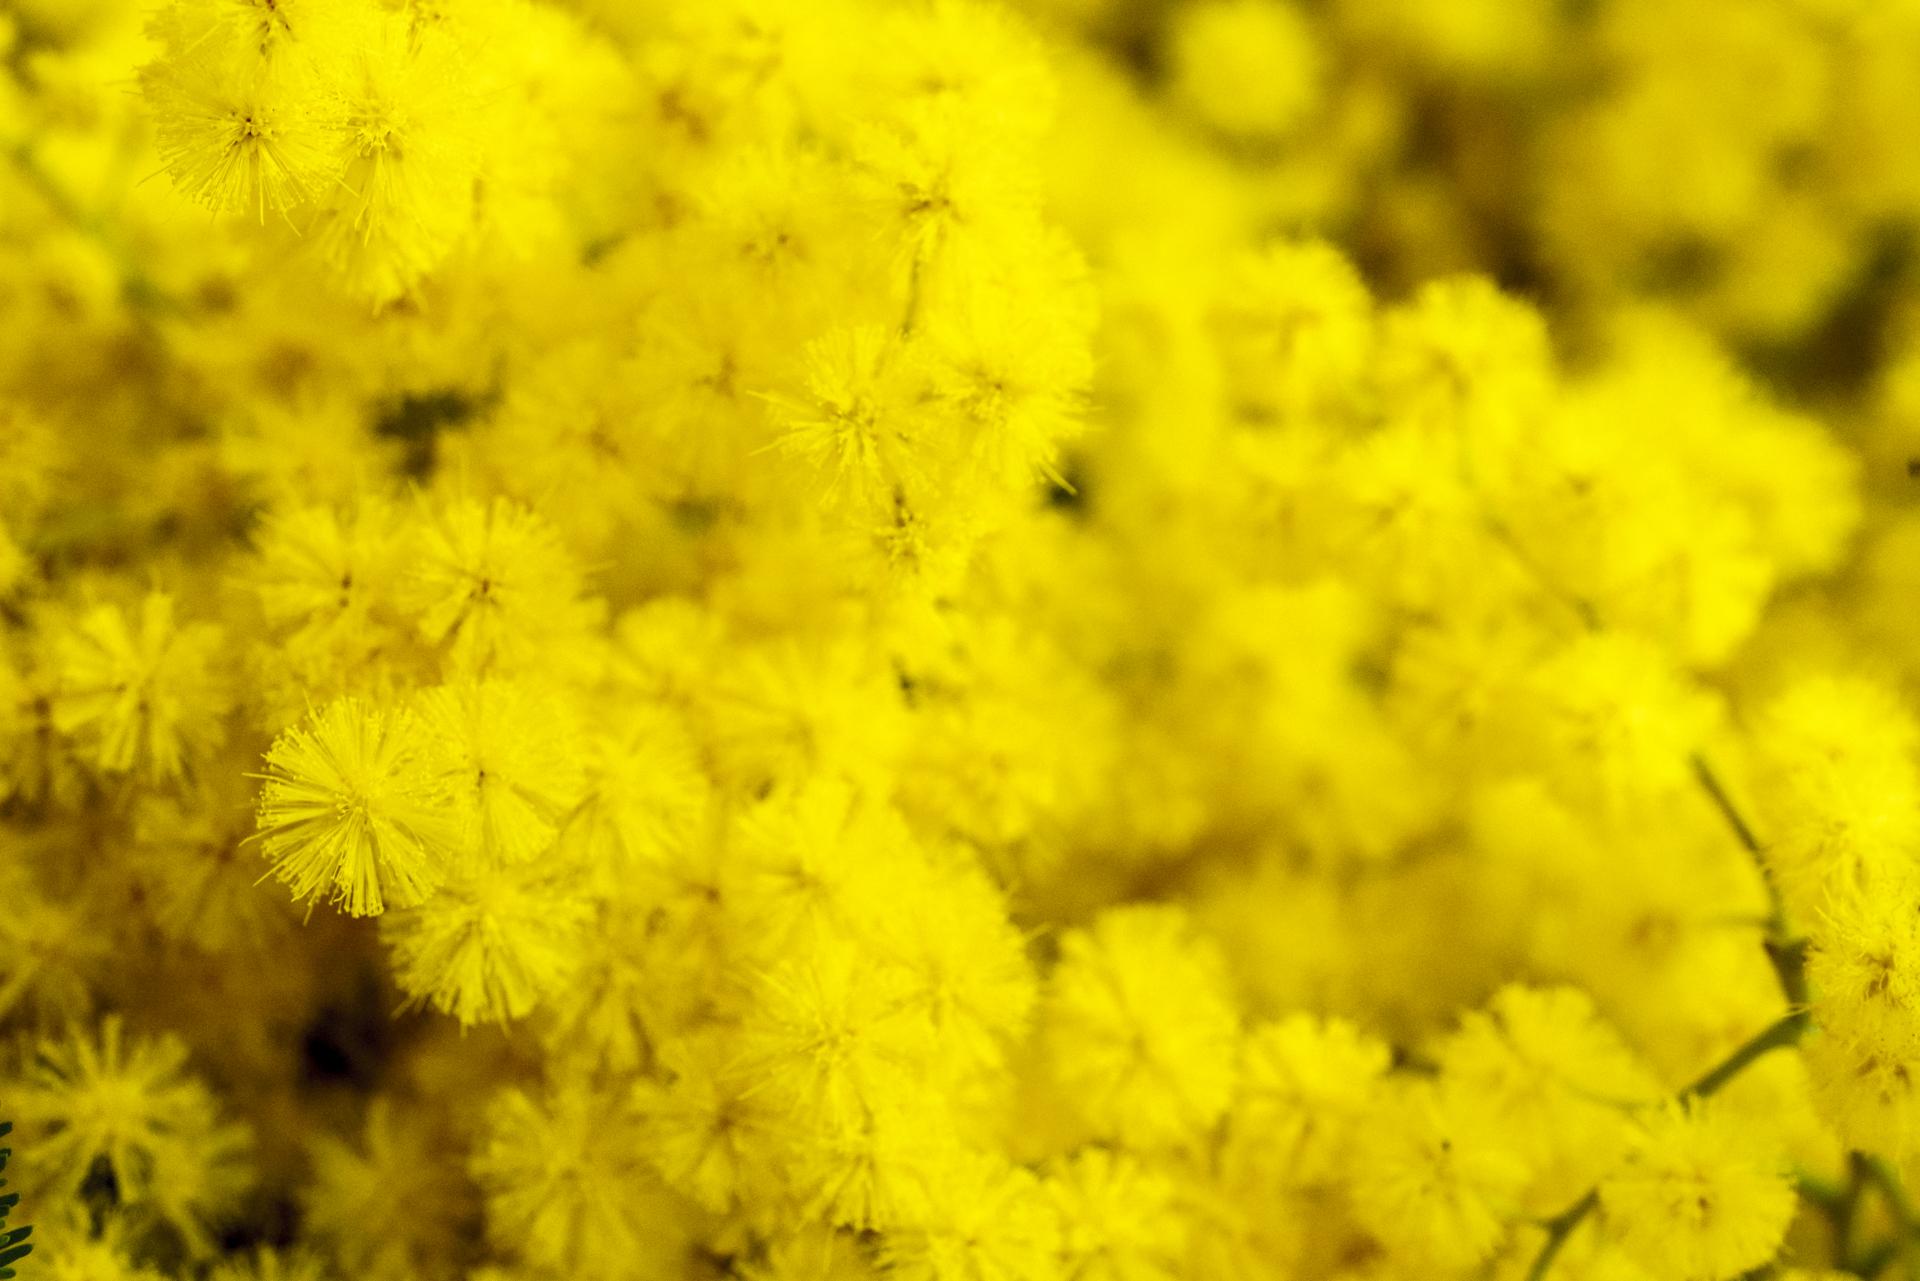 Mimosa Detailaufnahme